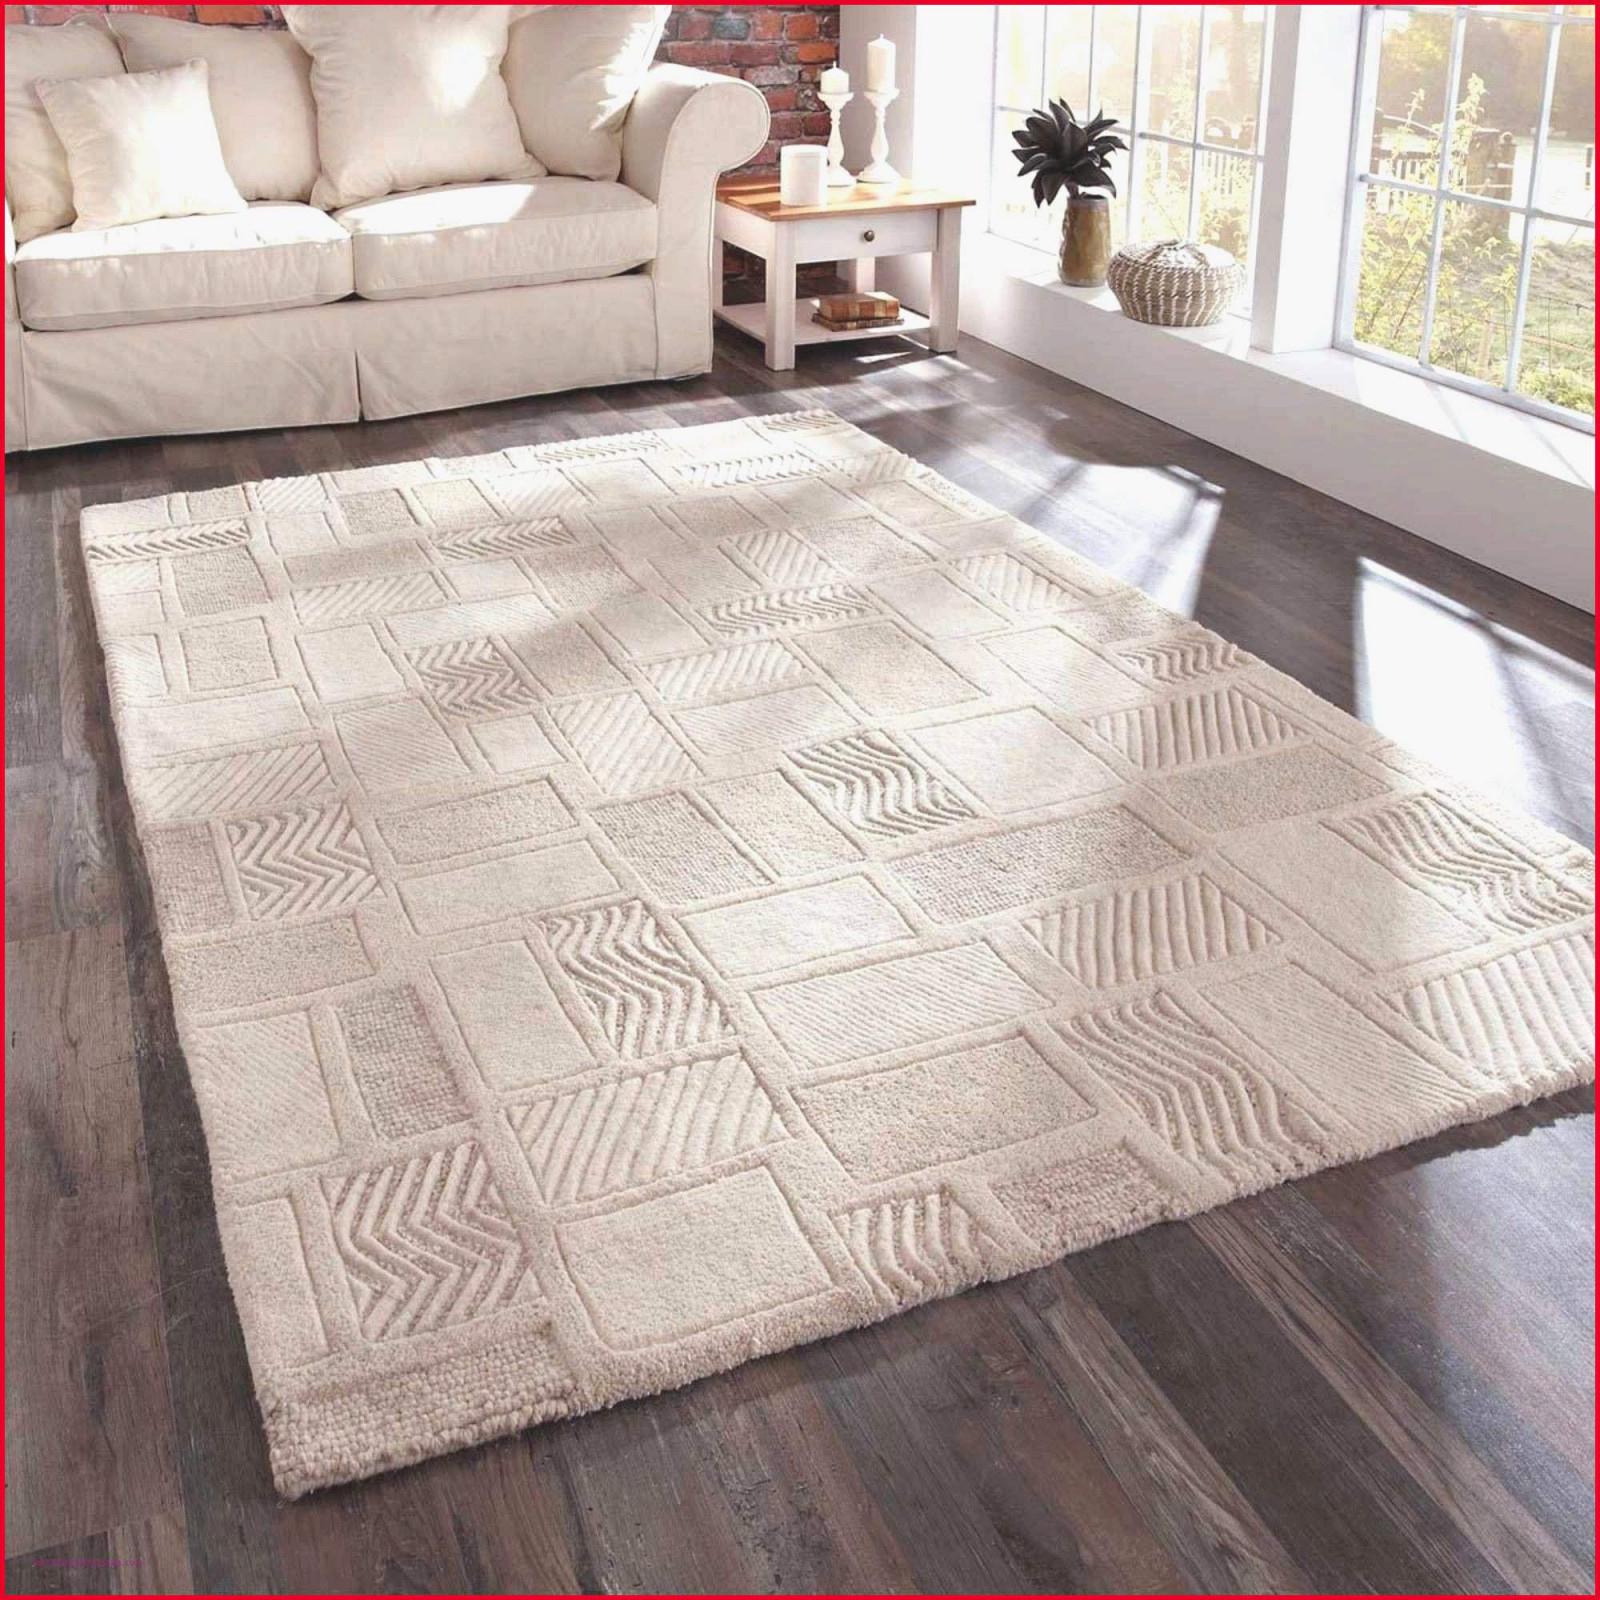 Teppich Wohnzimmer Beige Neu 29 Das Beste An Wohnzimmer von Teppich Beige Wohnzimmer Bild